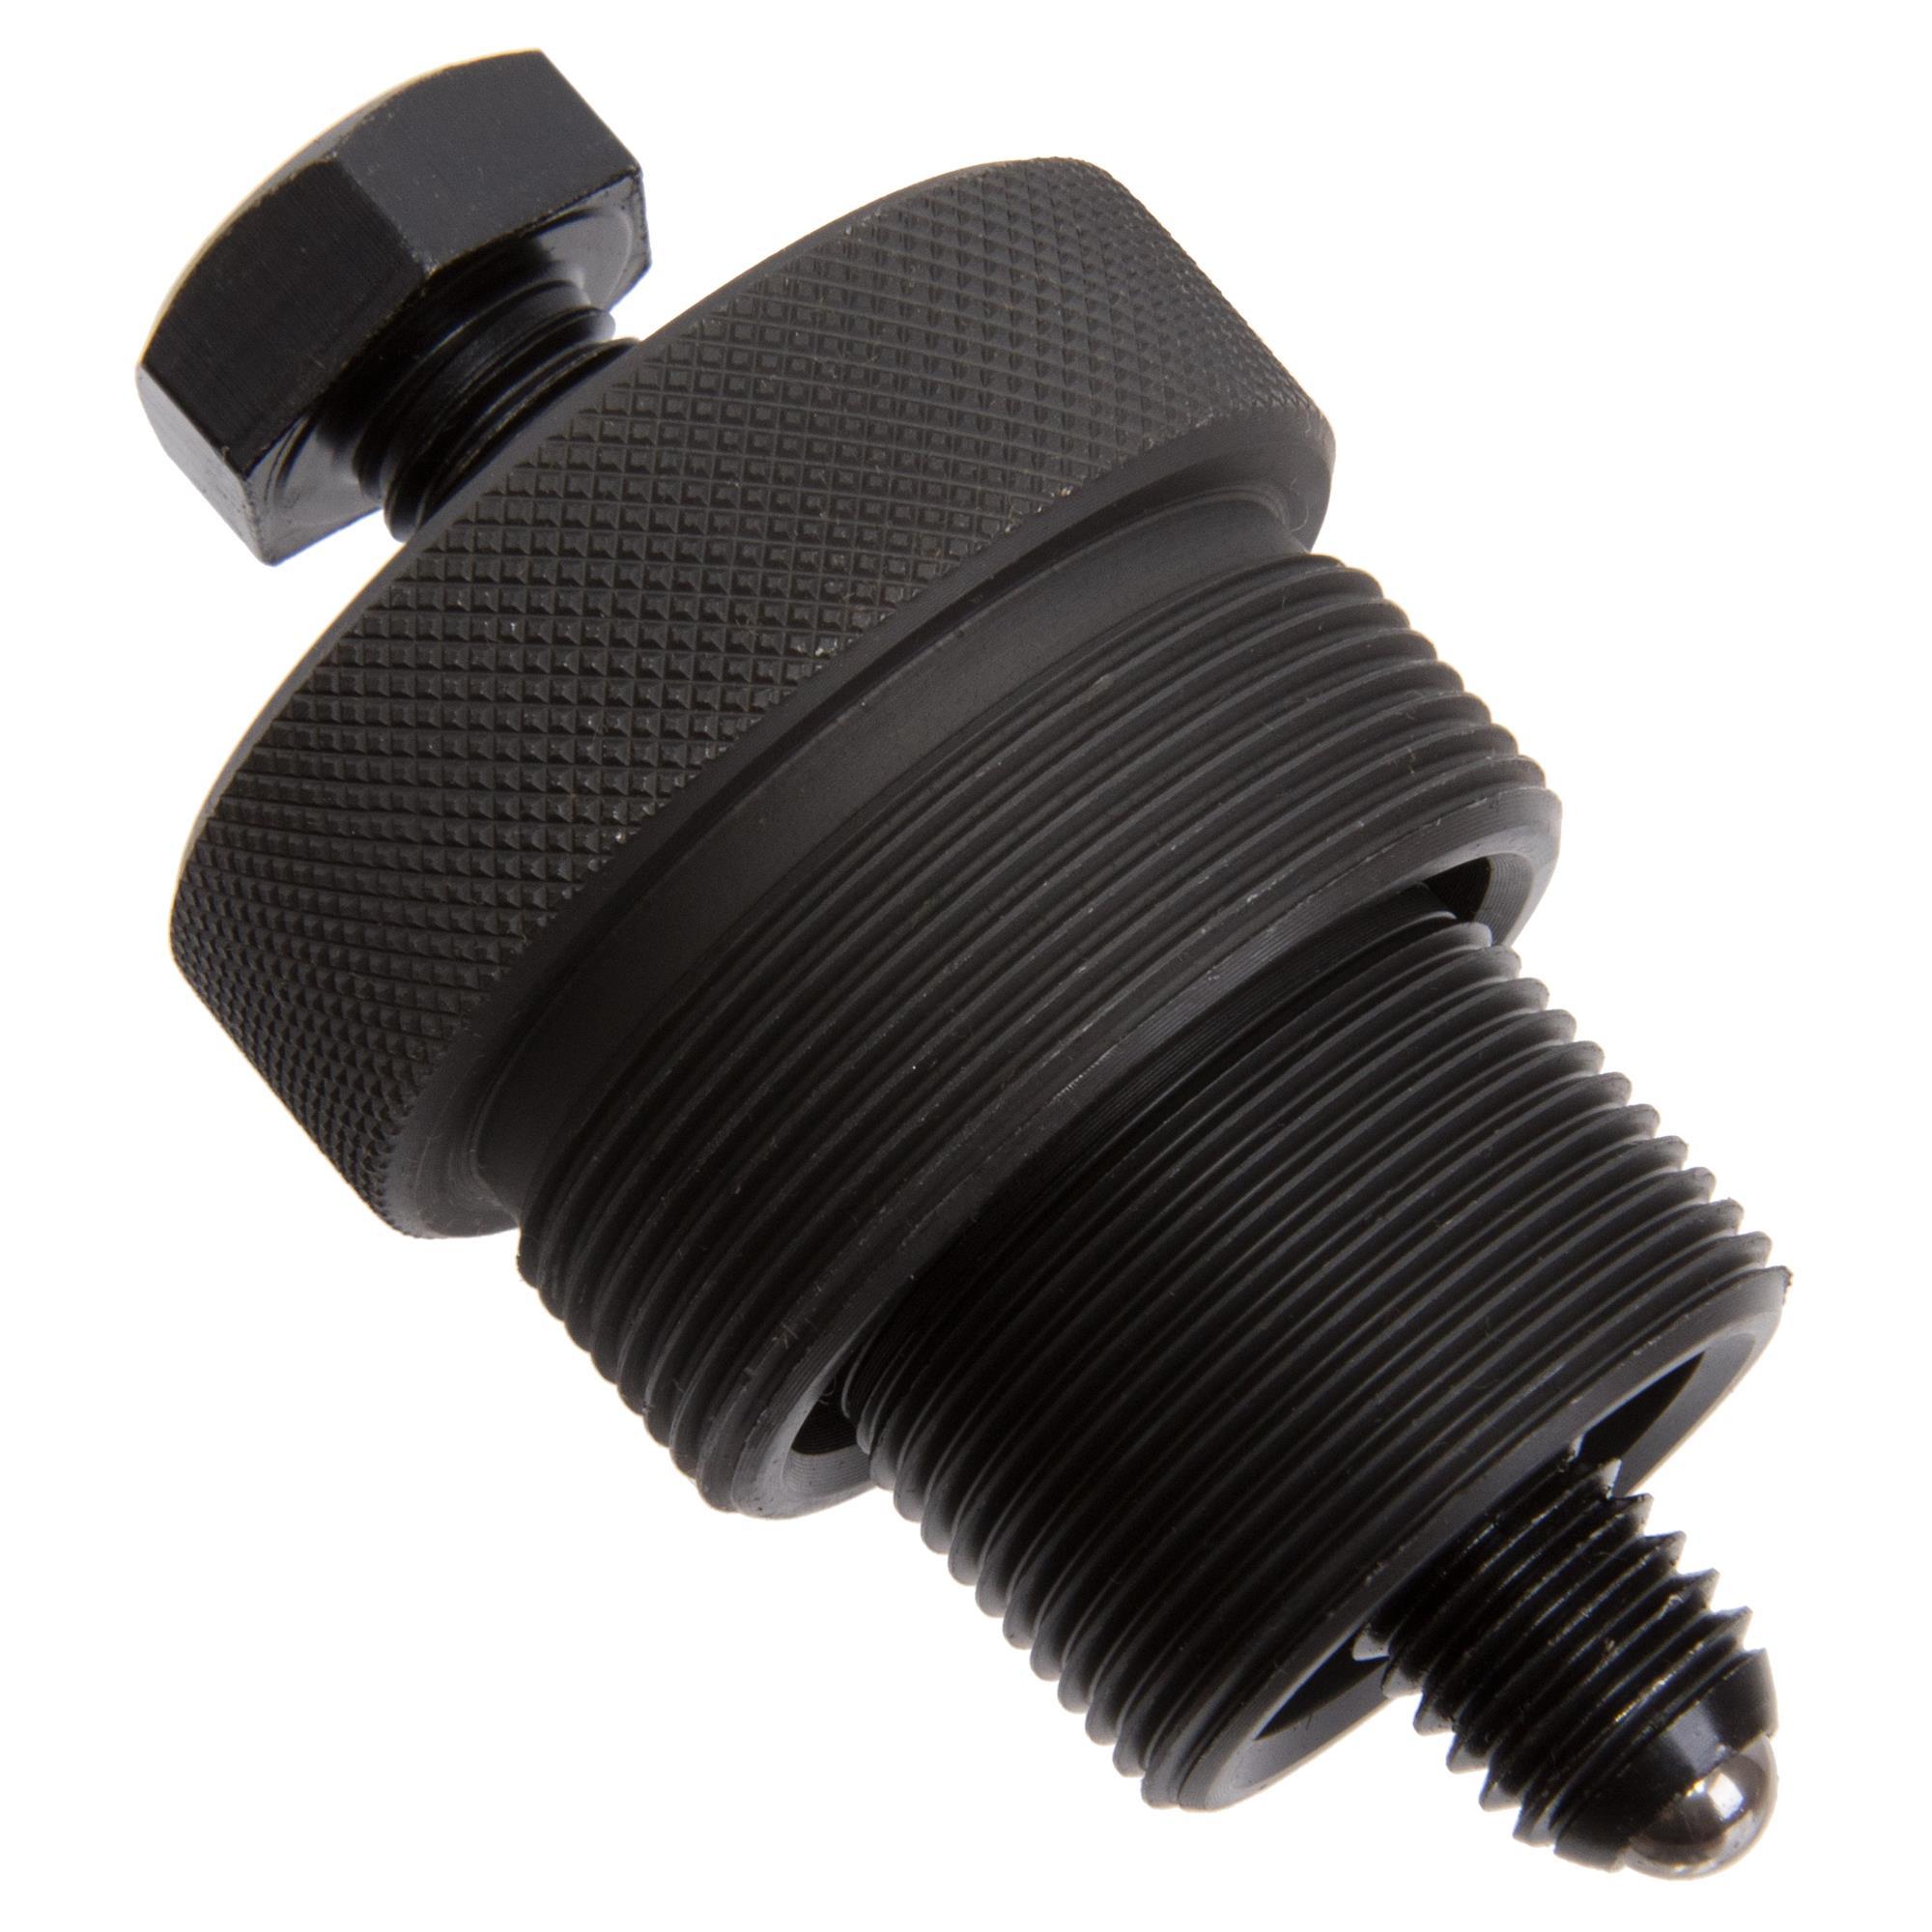 Abzieher Einspritzpumpenrad Einspritzpumpe für 320D 330D 525D 530D 535D 730D